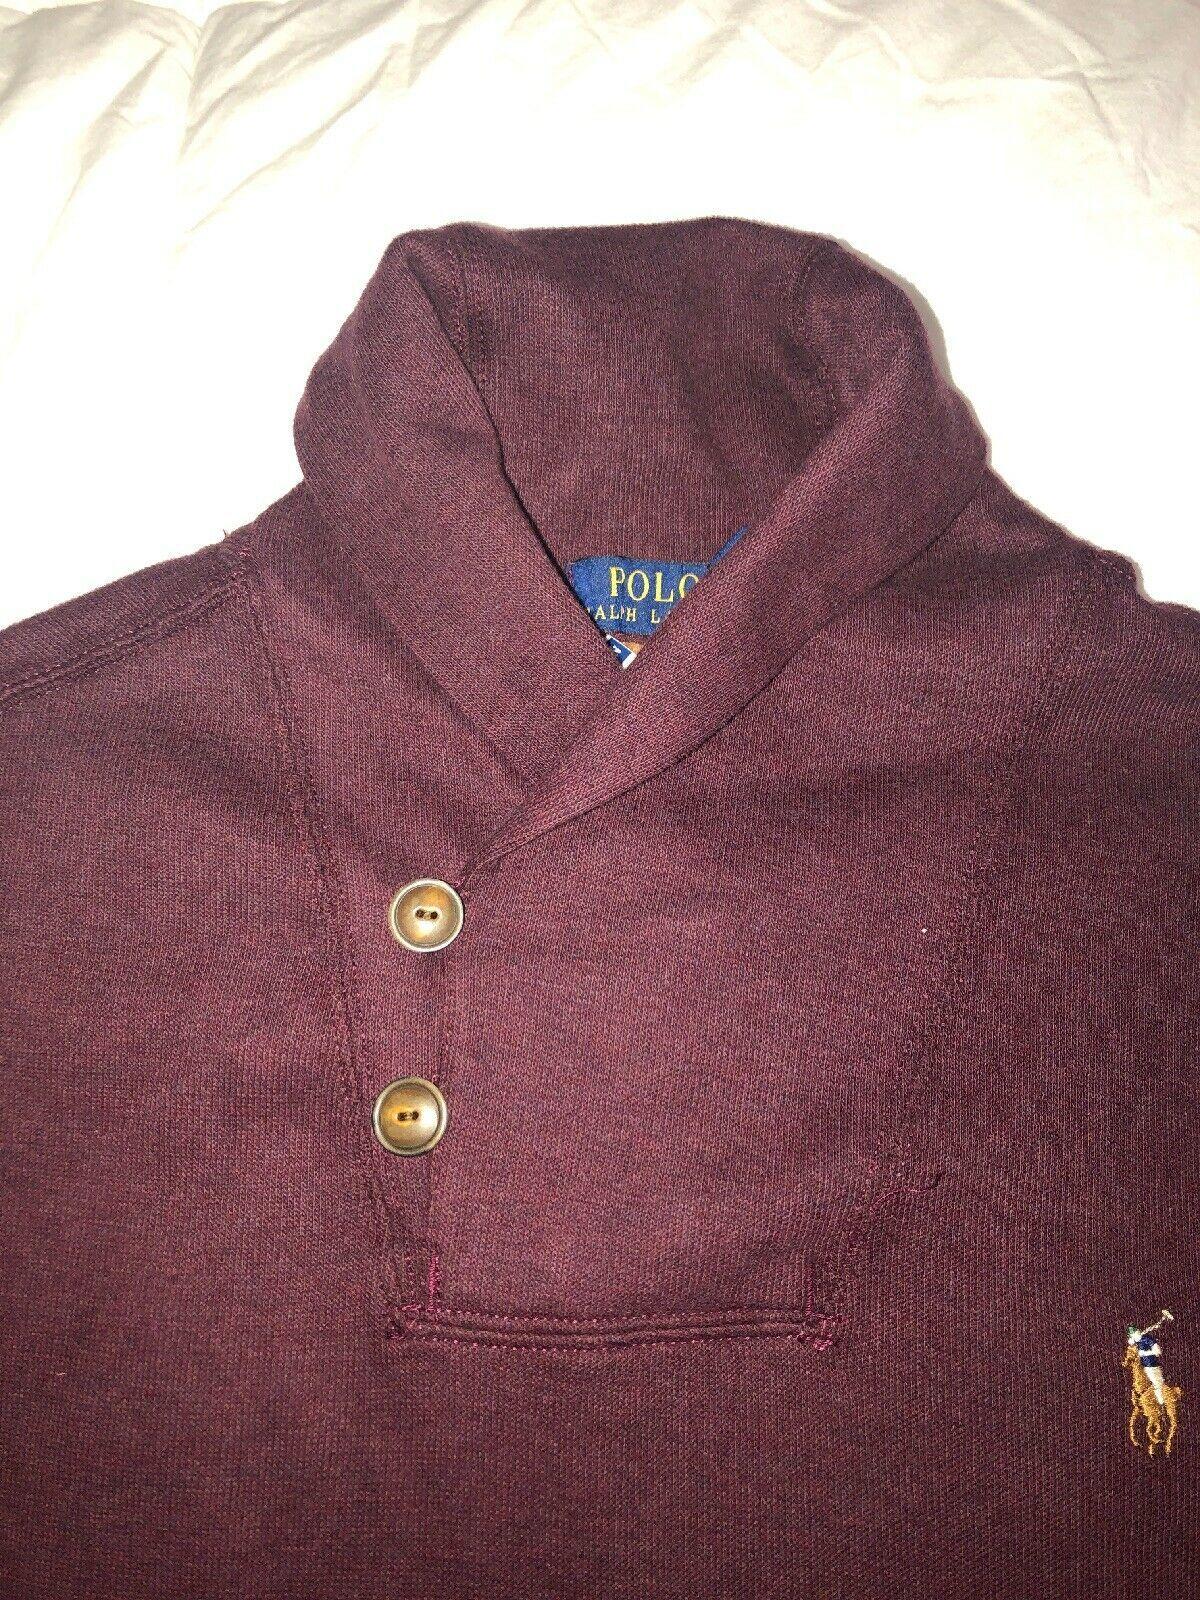 Nwt Polo Ralph Lauren Men's Estate Rib Shawl Neck Sweater Wine L